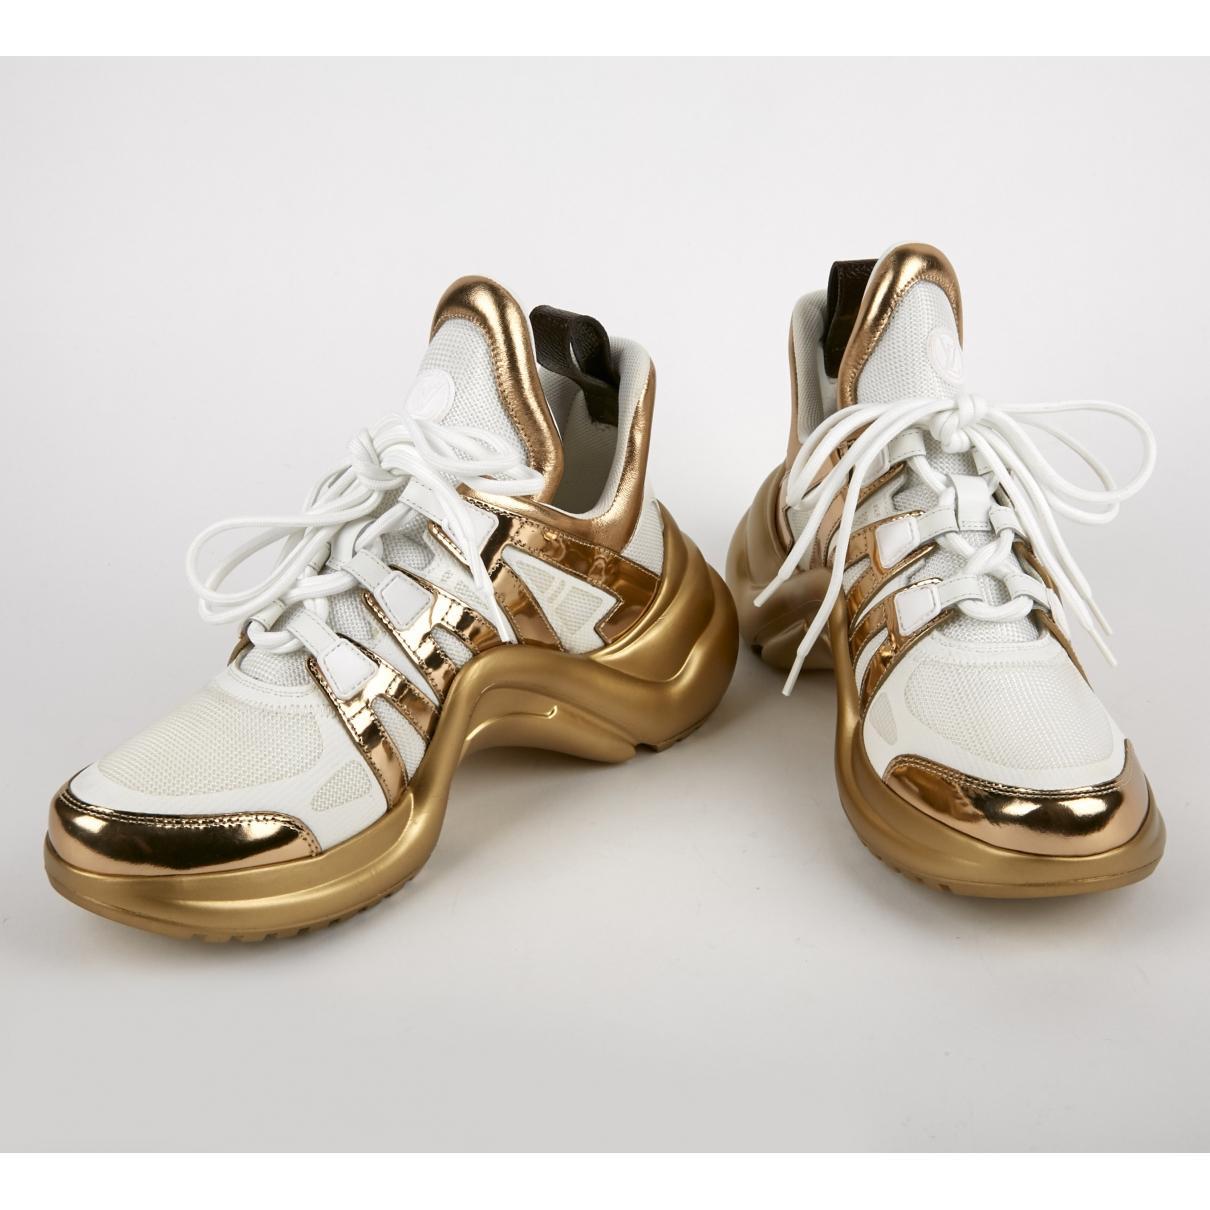 Louis Vuitton Archlight Gold Patent